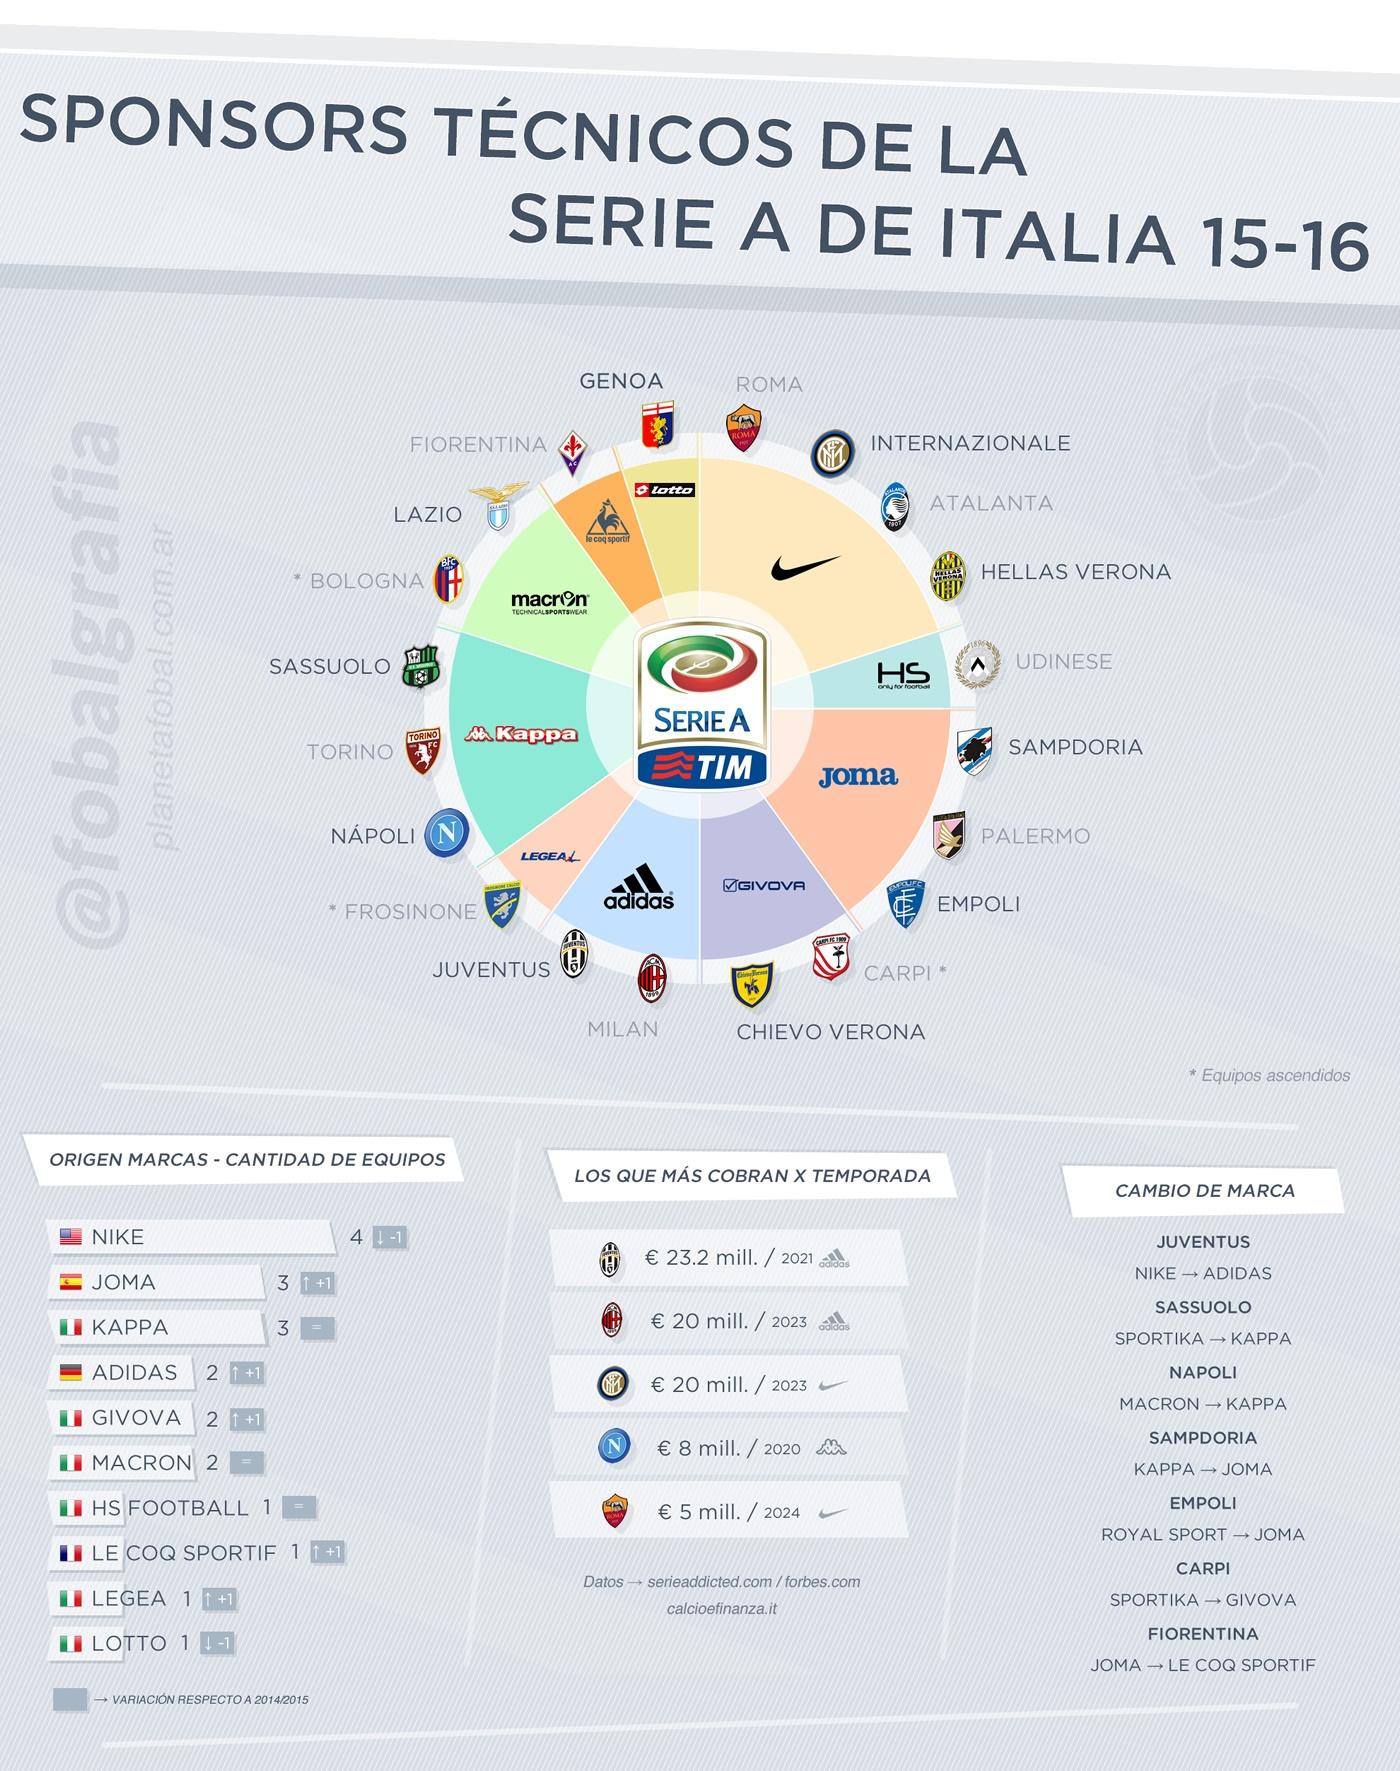 Las marcas de la Serie A